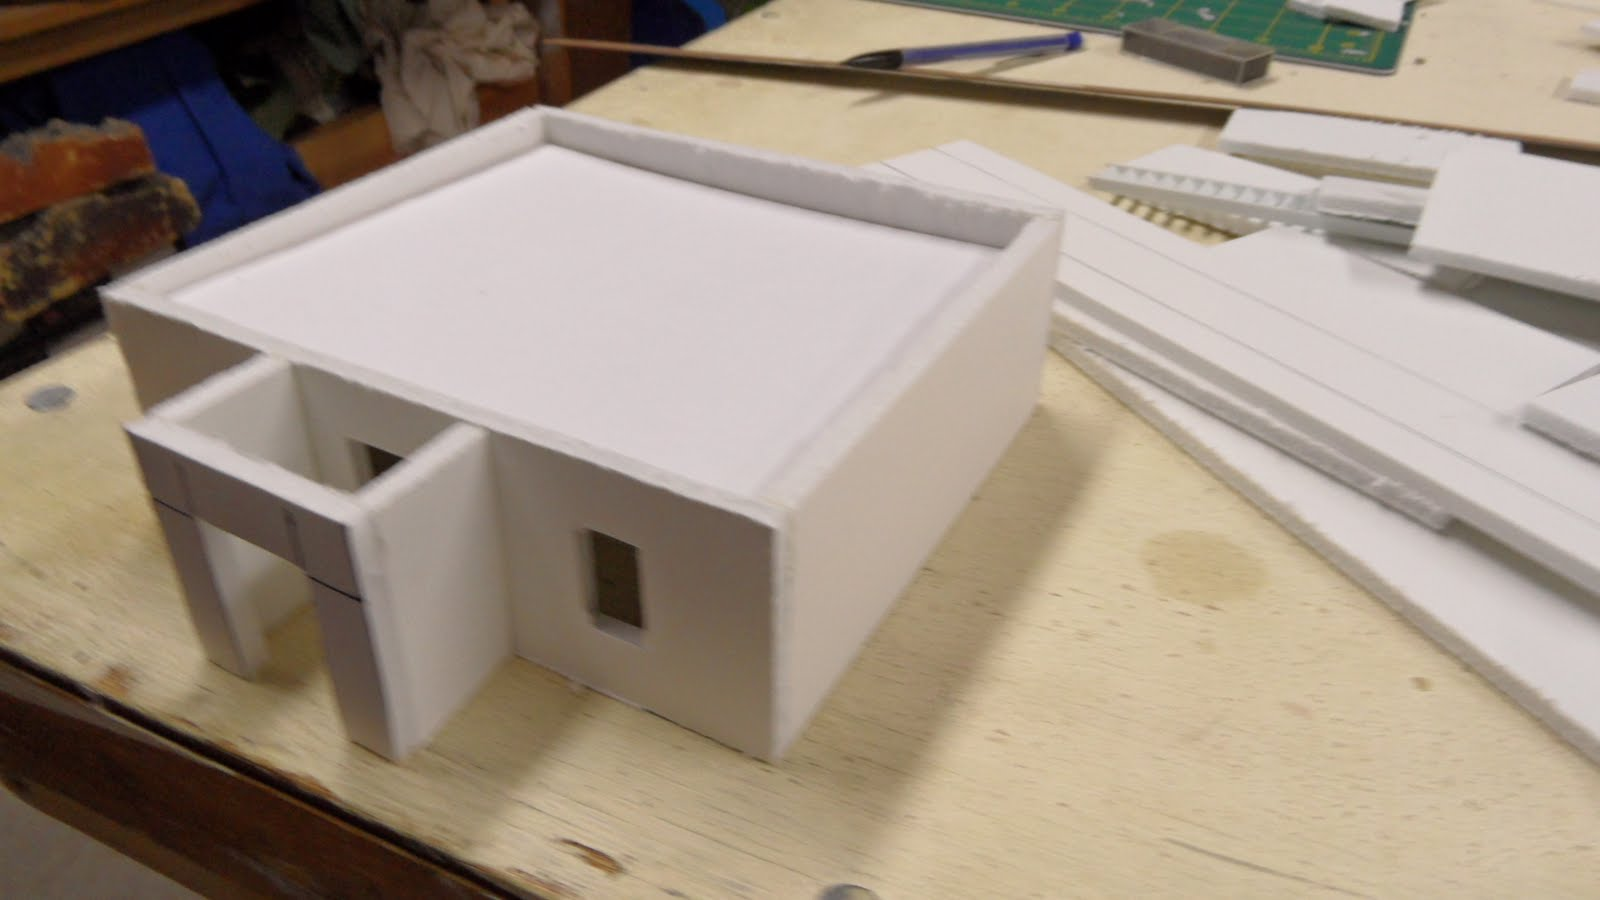 Anton's Wargame Blog: NEWS FLASH! Three men build village in under